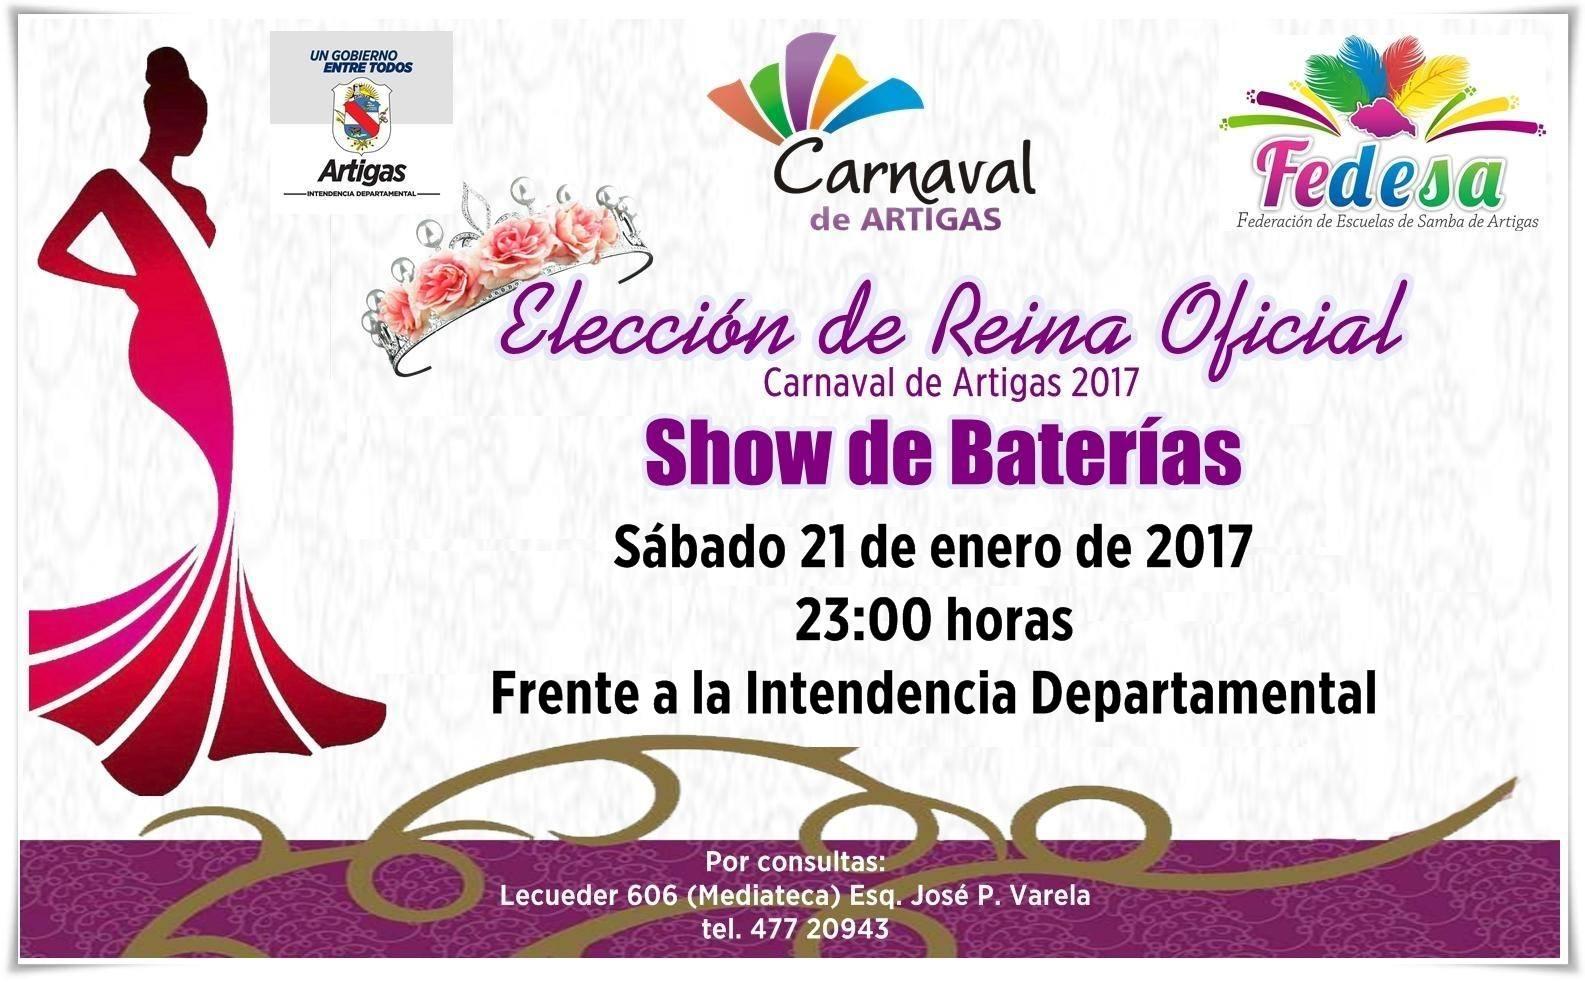 Elección de la Reina Oficial del Carnaval de Artigas